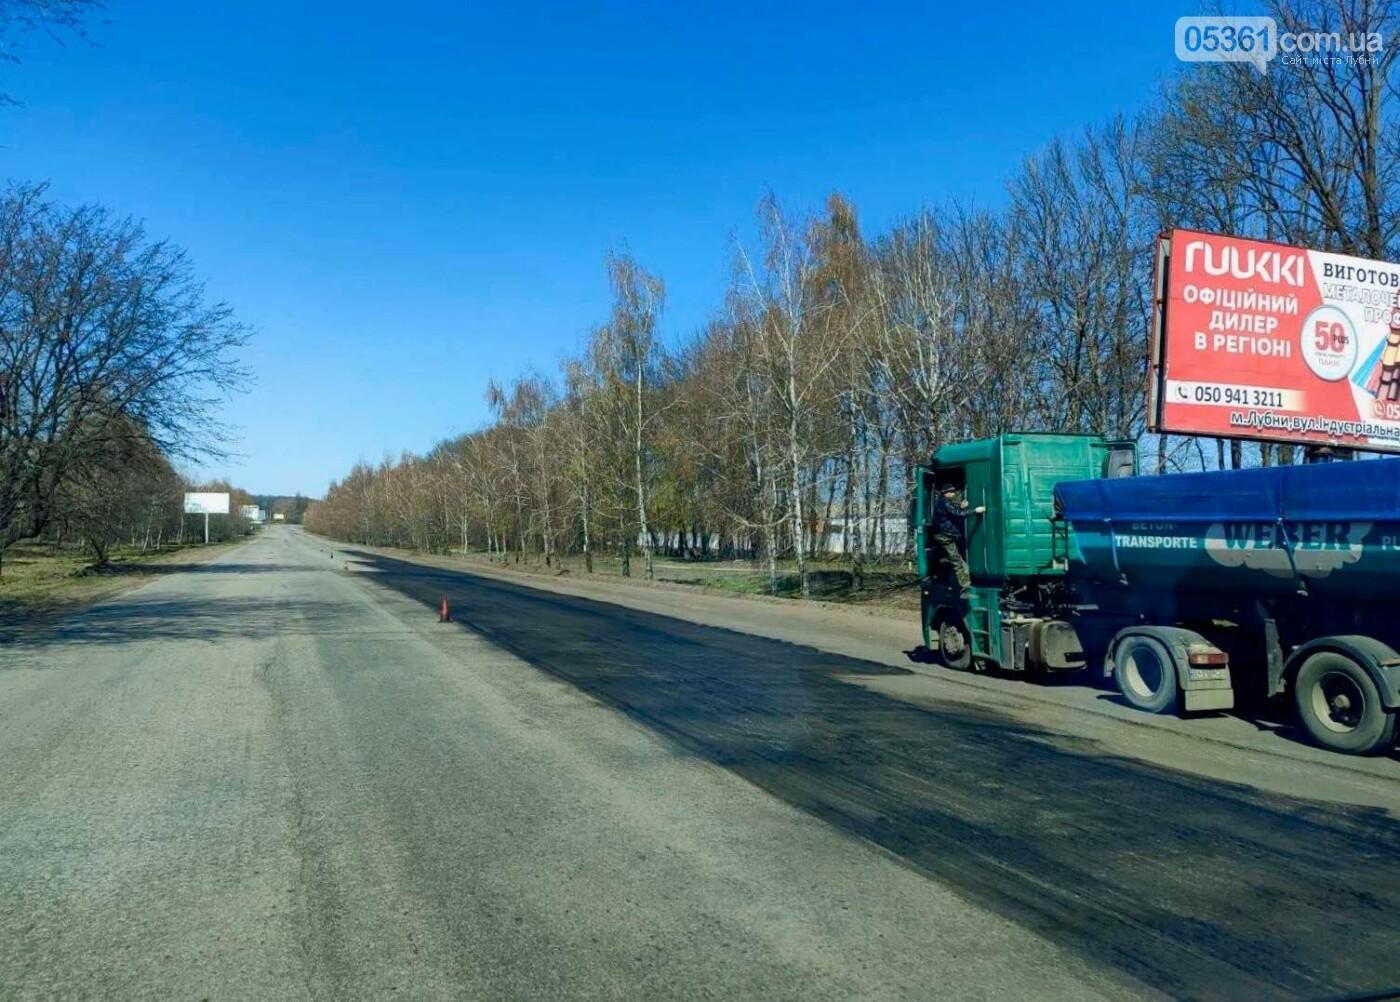 """Ямковий ремонт на в""""їзді до Лубен, фото-1"""